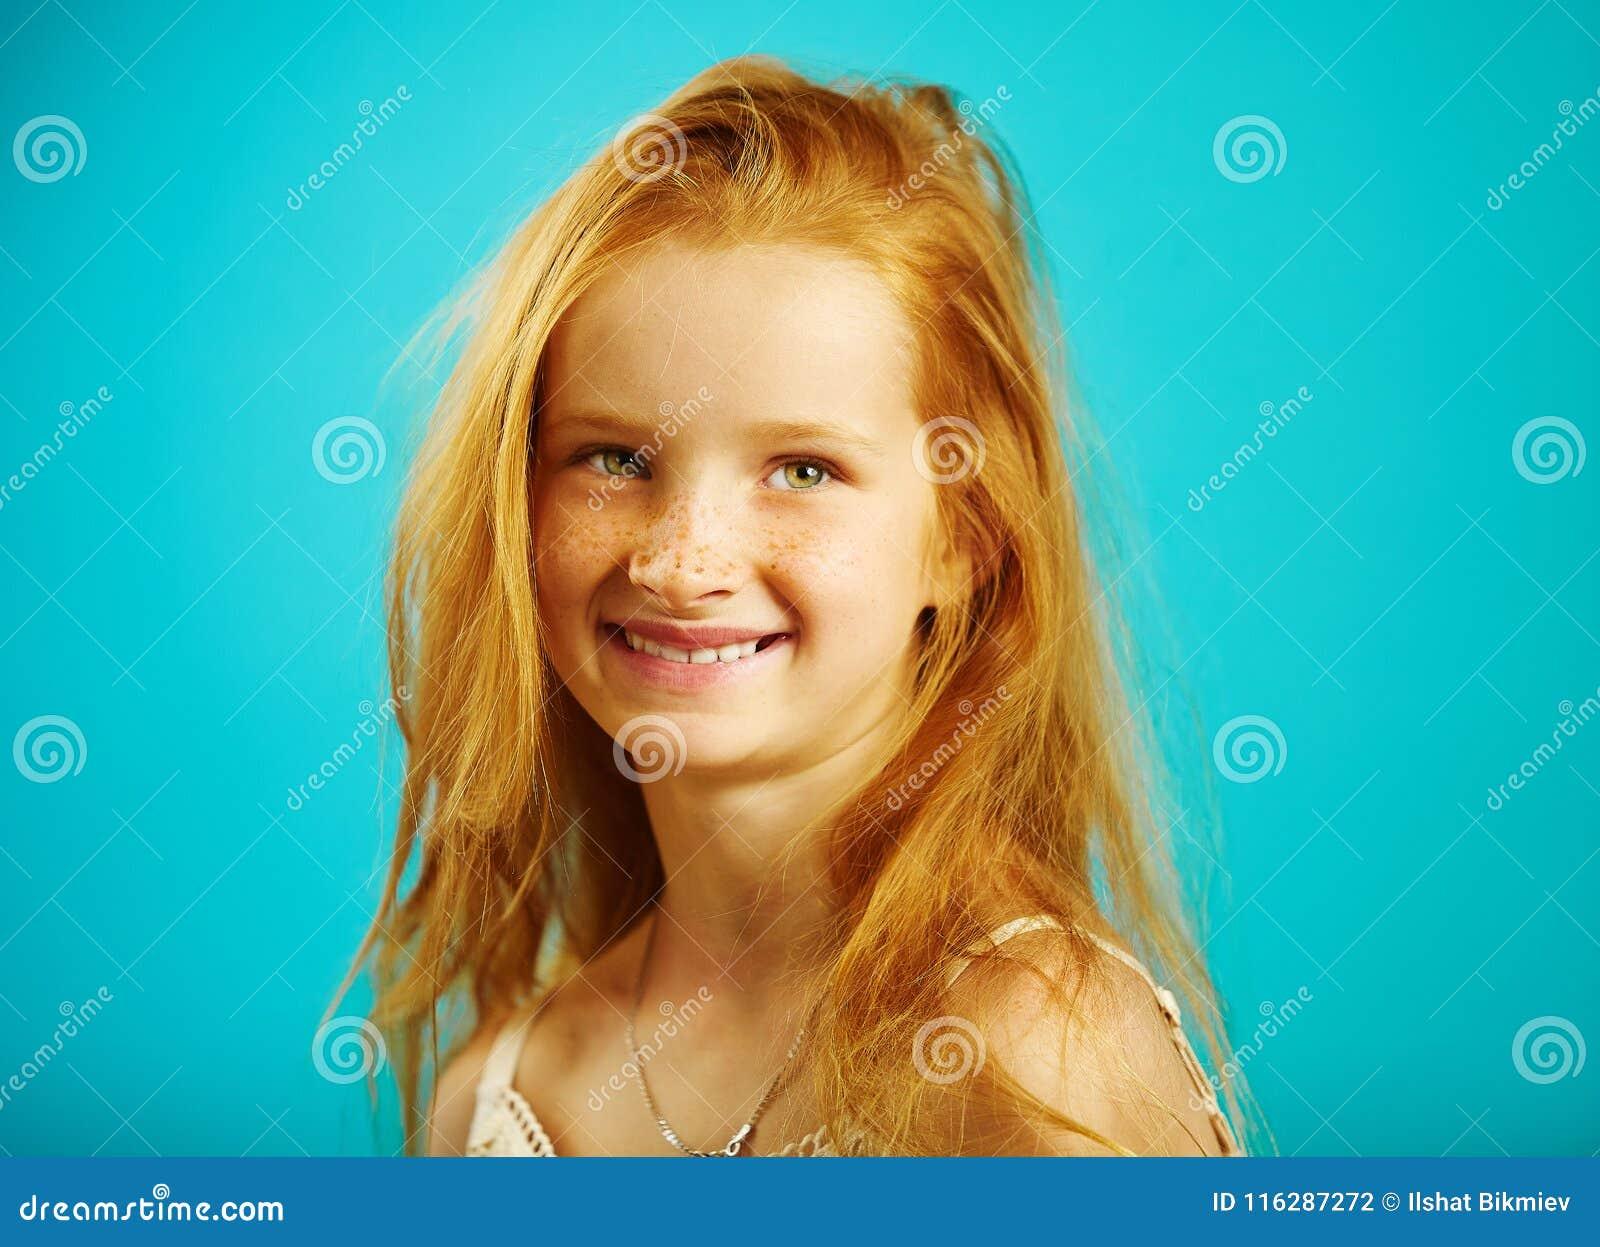 小女孩画象与火红的头发的七岁,逗人喜爱的雀斑,恳切地微笑,充满信心和